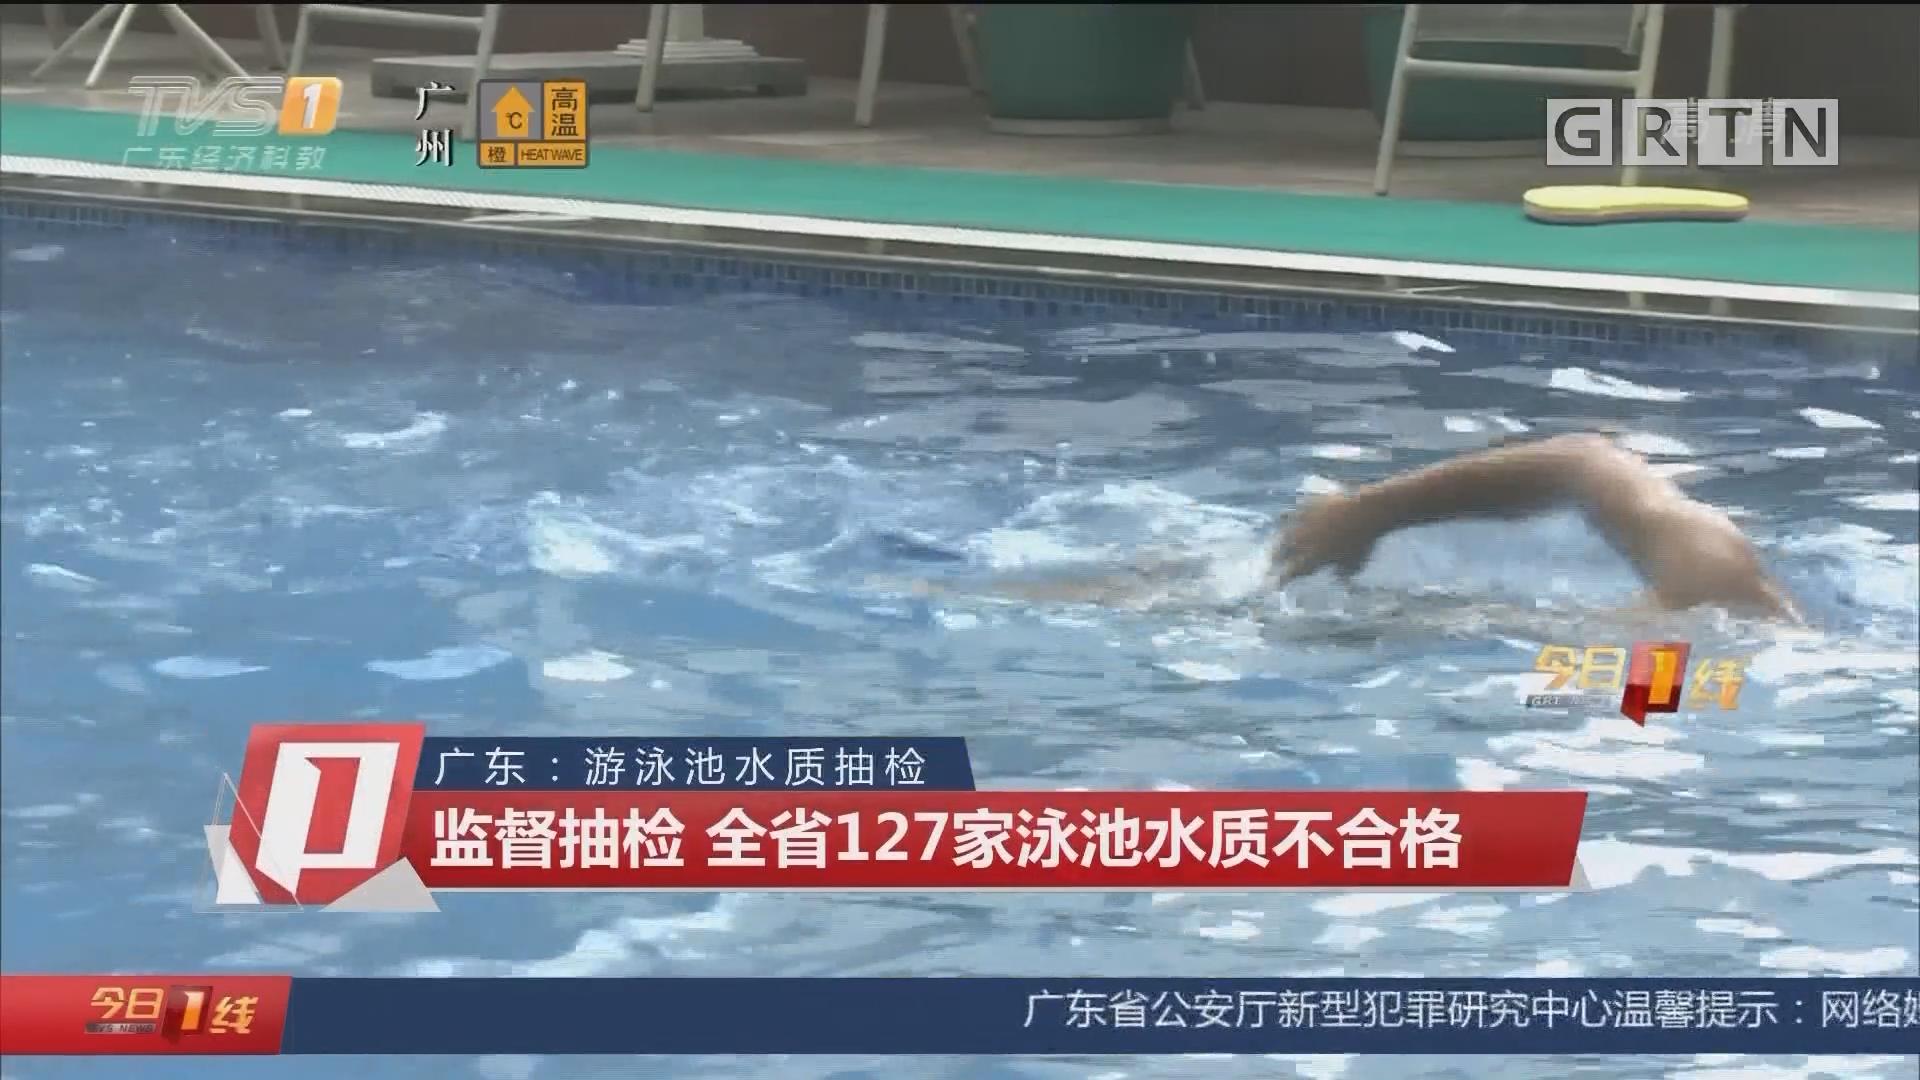 广东:游泳池水质抽检 监督抽检 全省127家泳池水质不合格